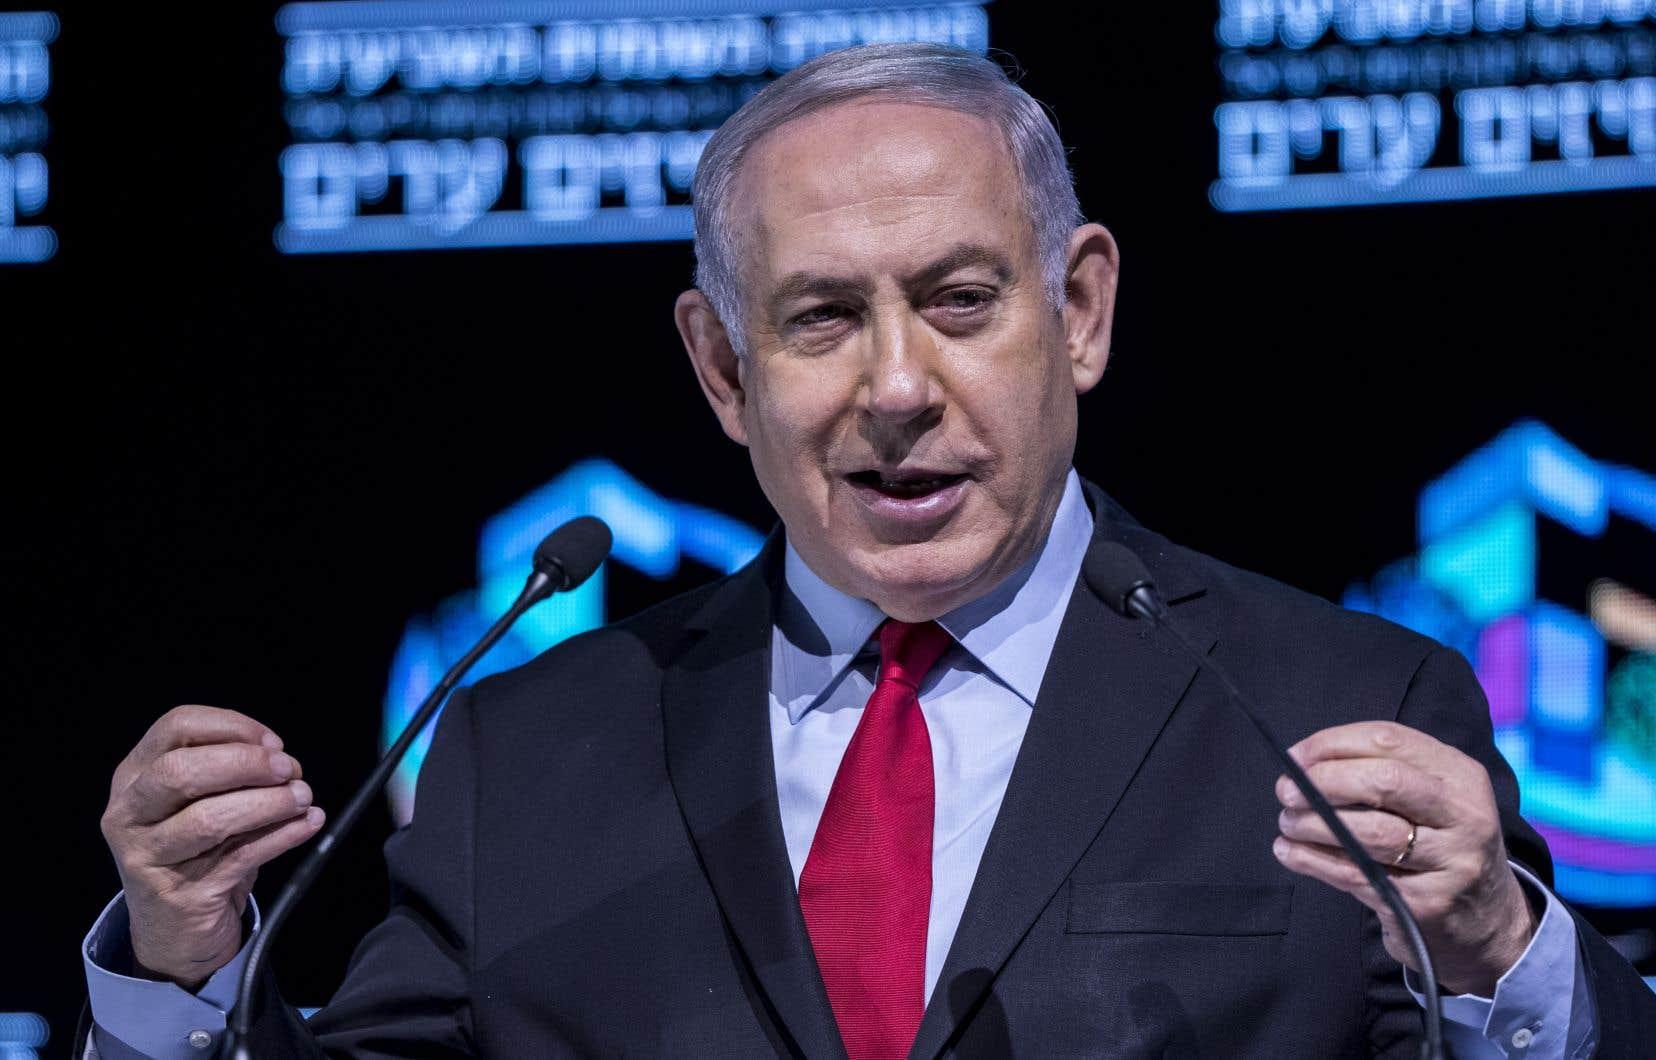 À ce jour, Nétanyahou a résisté aux tentatives des partis de droite/extrême droite, dont son parti, de faire voter des lois visant l'annexion de ou des colonies de Cisjordanie.